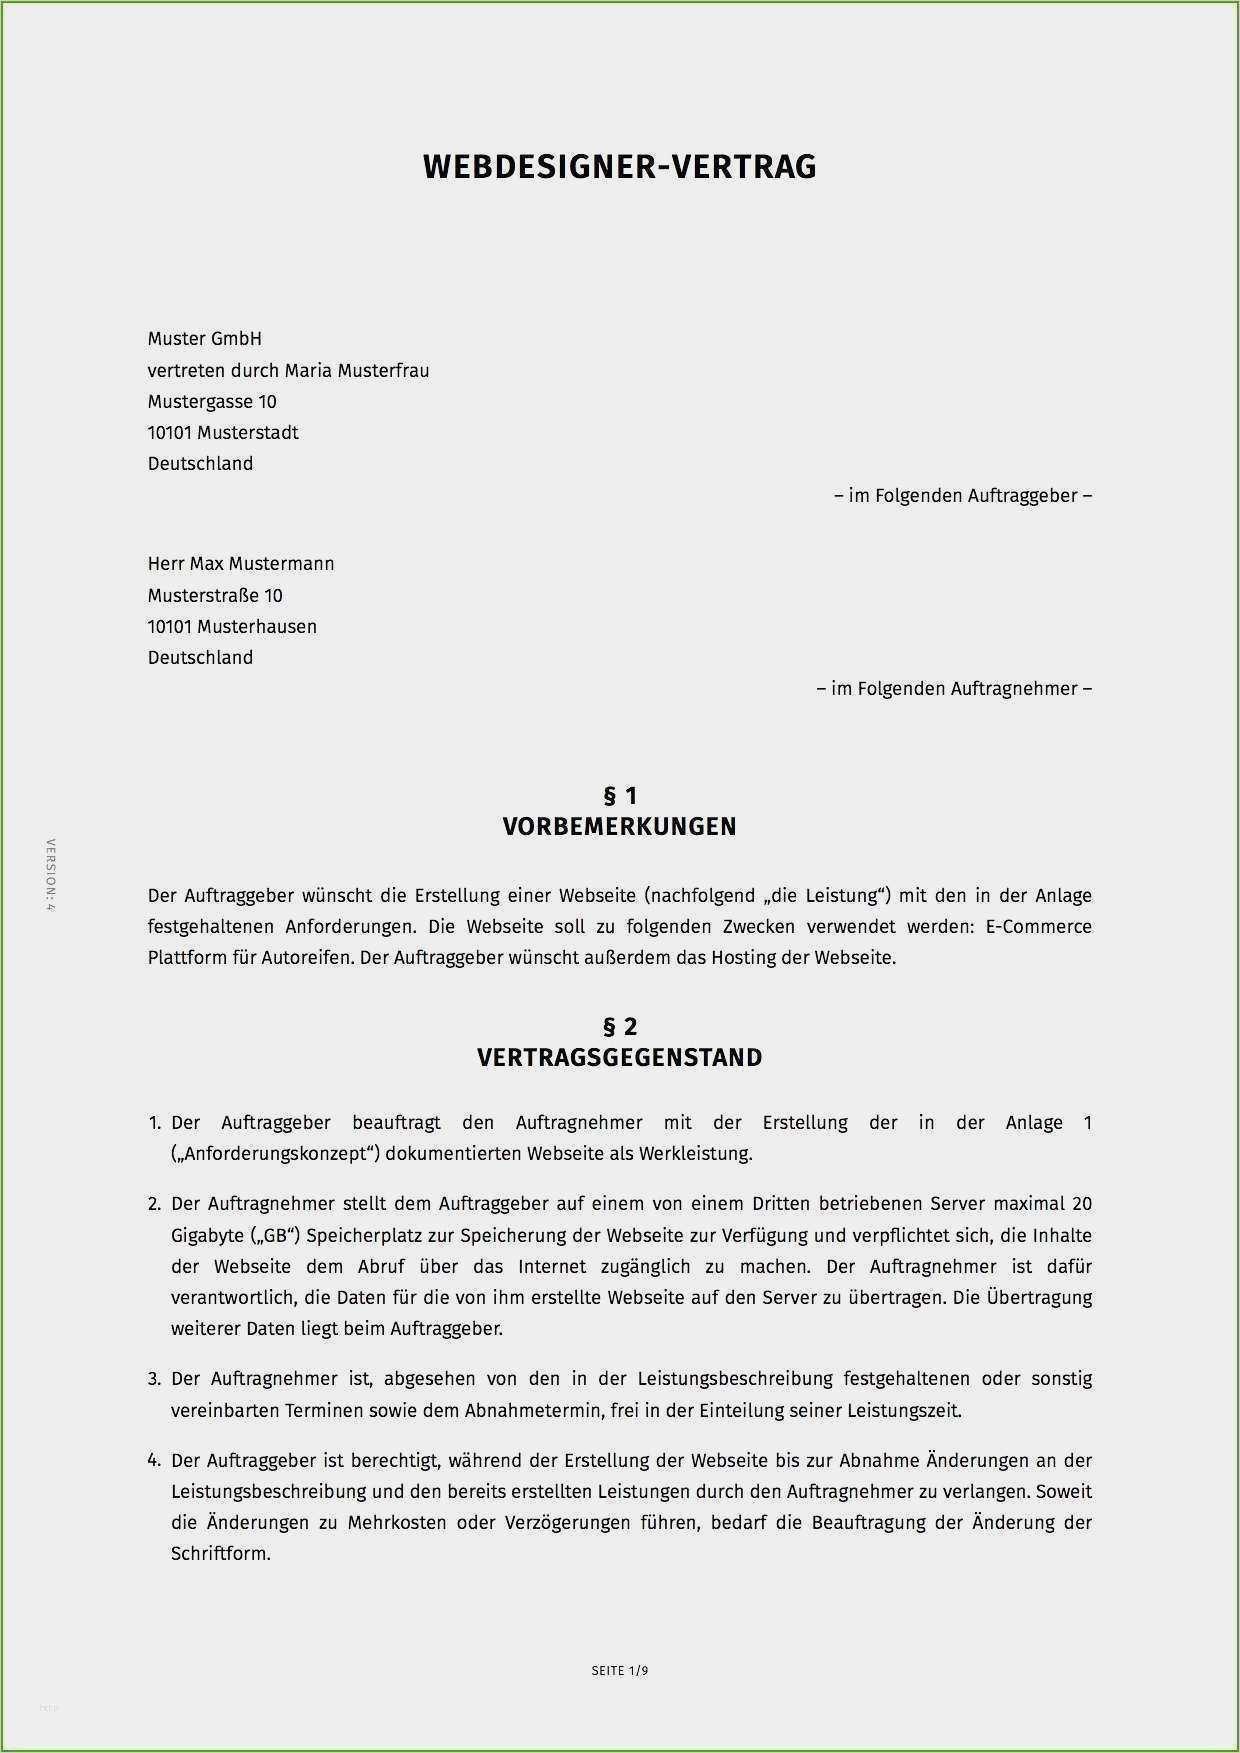 44 Suss Vodafone Mobilfunkvertrag Kundigen Vorlage Foto In 2020 Vorlagen Website Vorlagen Impressum Website